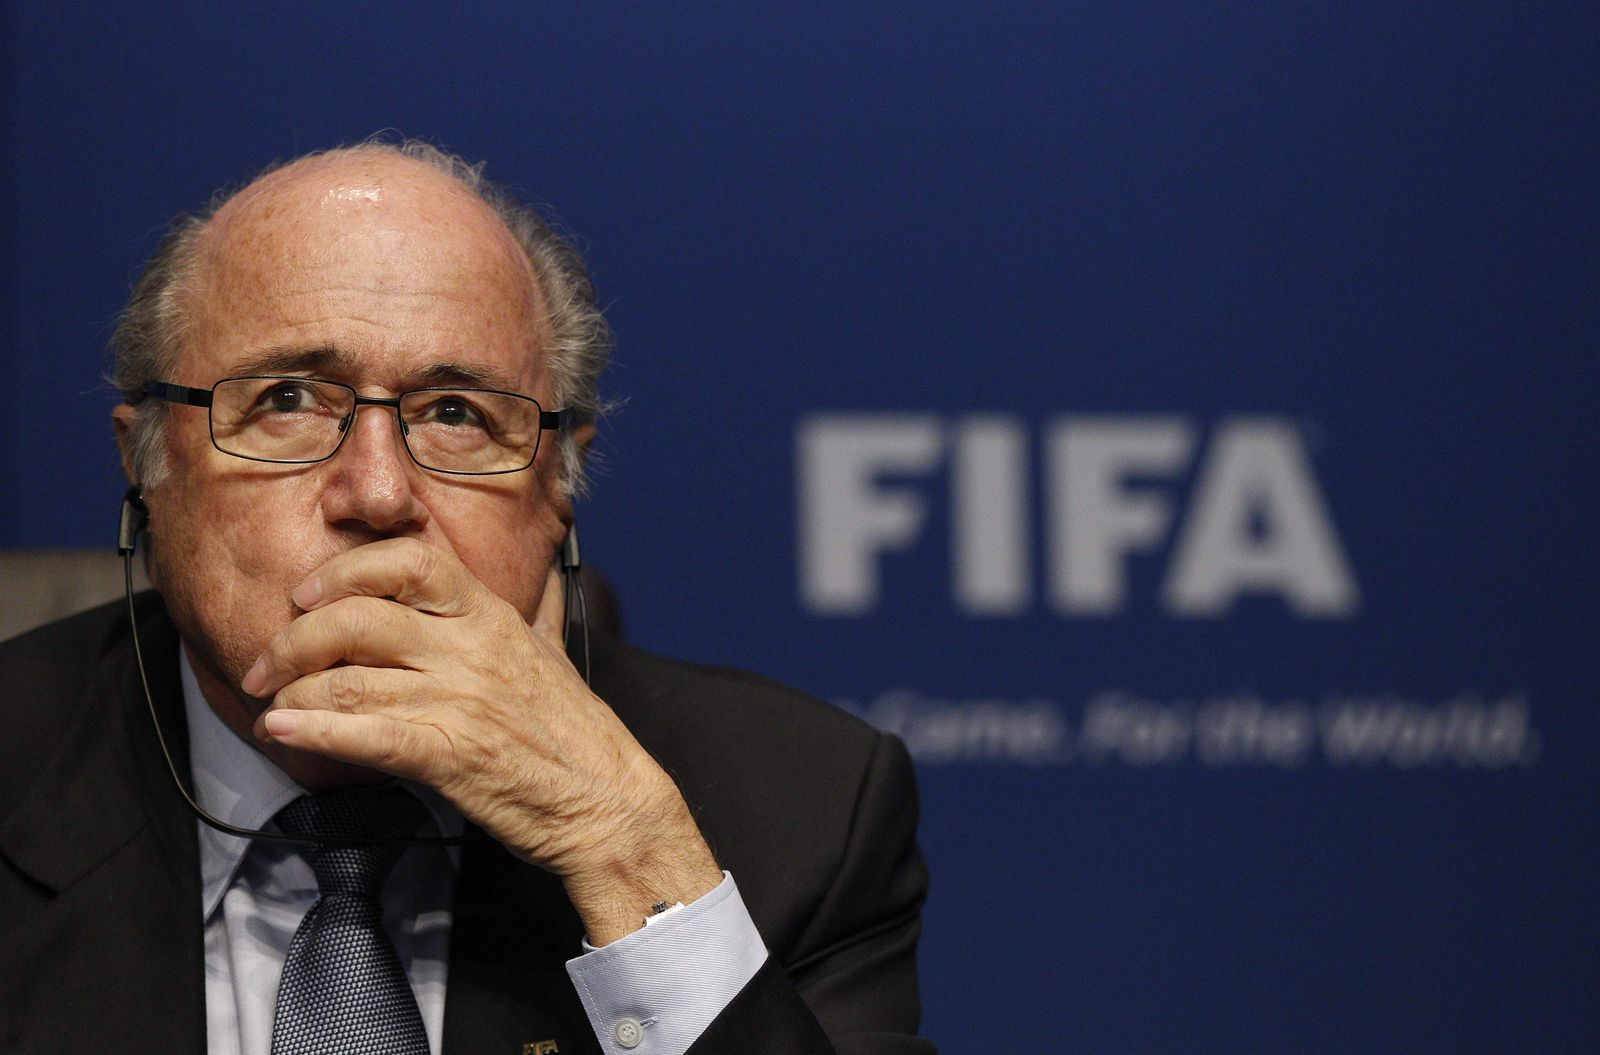 SOCCER-FIFA/